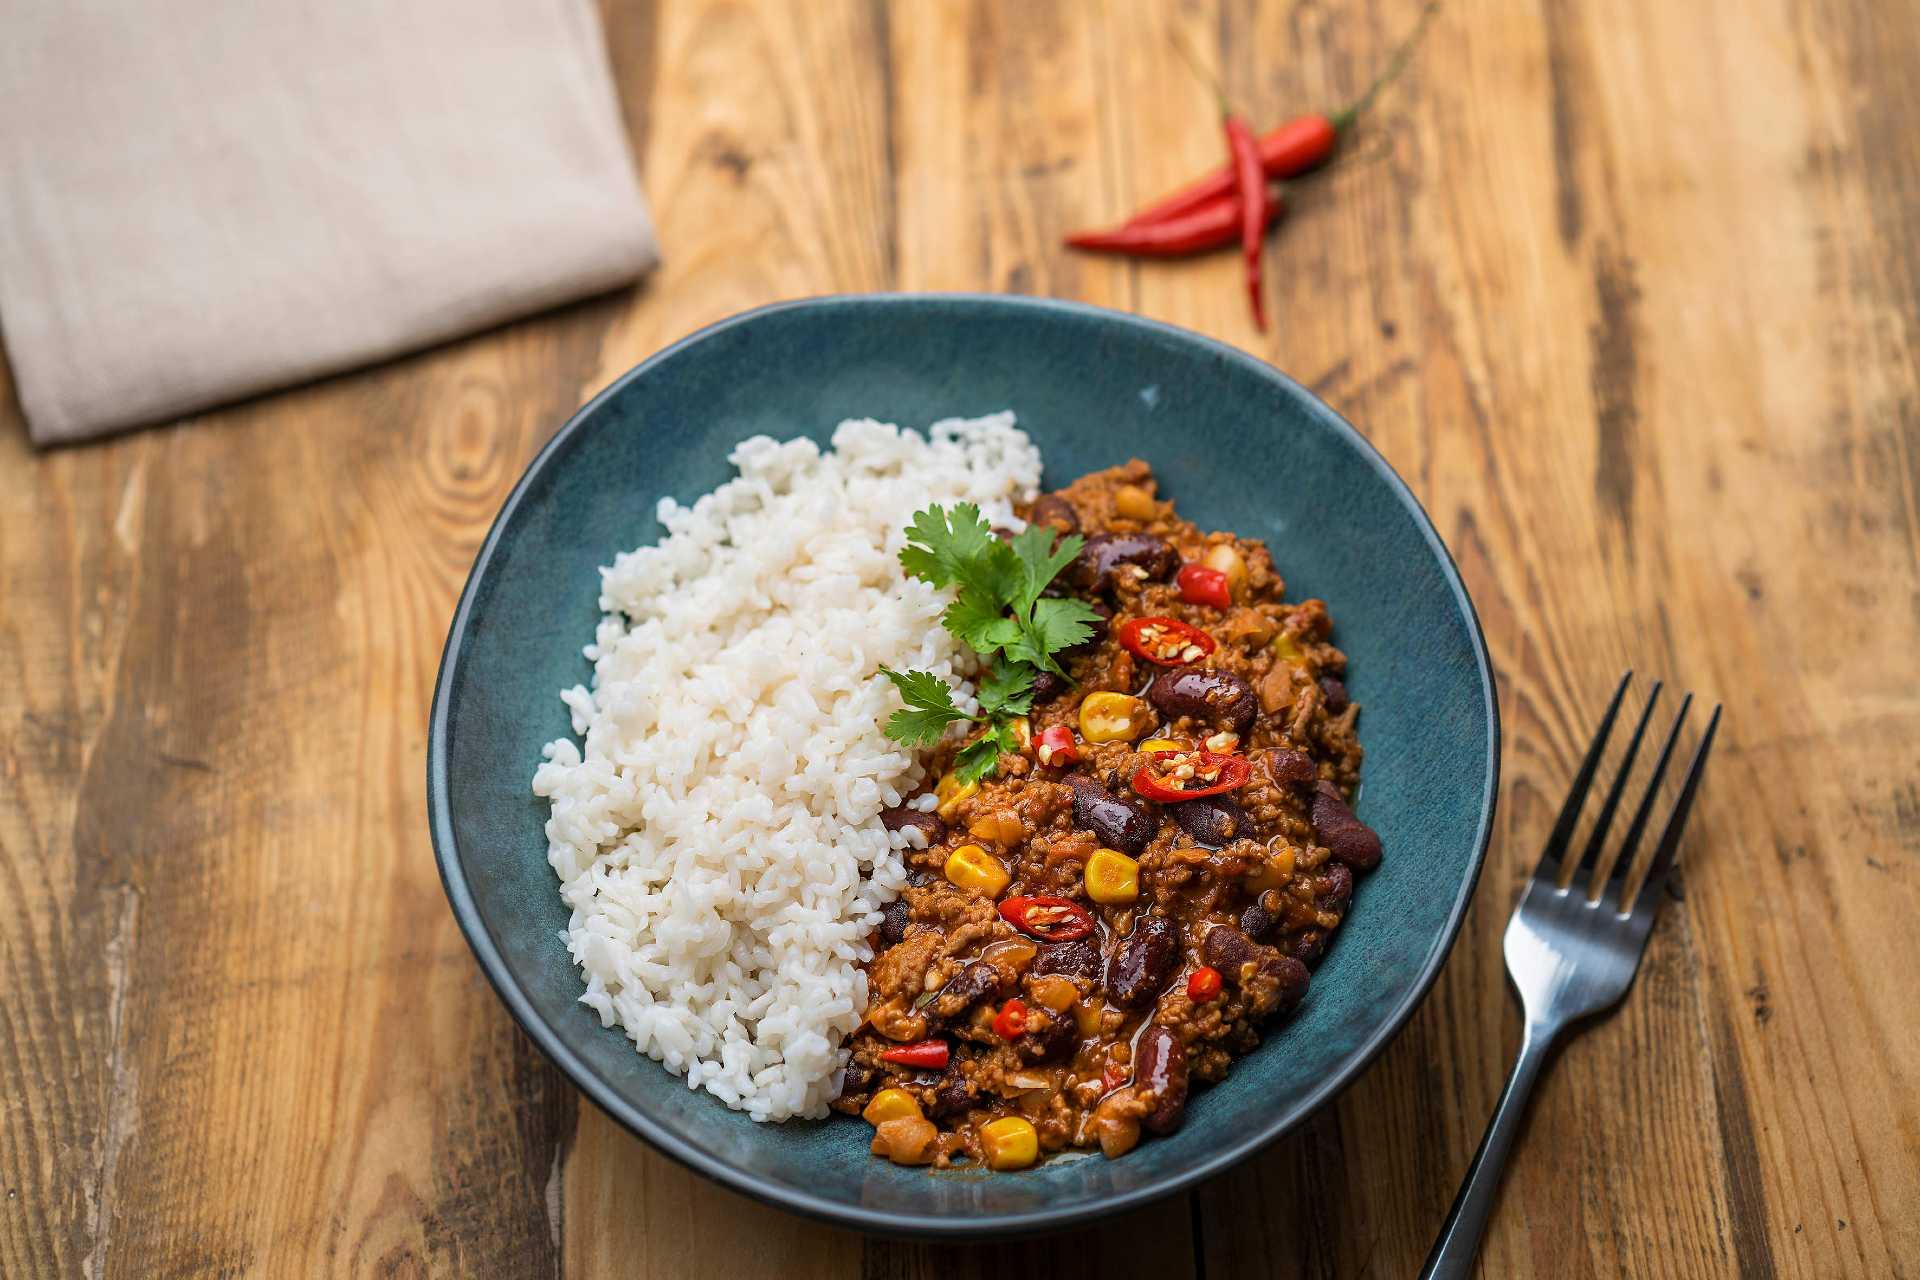 Gurmánské chilli con carne s nízkokalorickou rýží a hořkou čokoládou